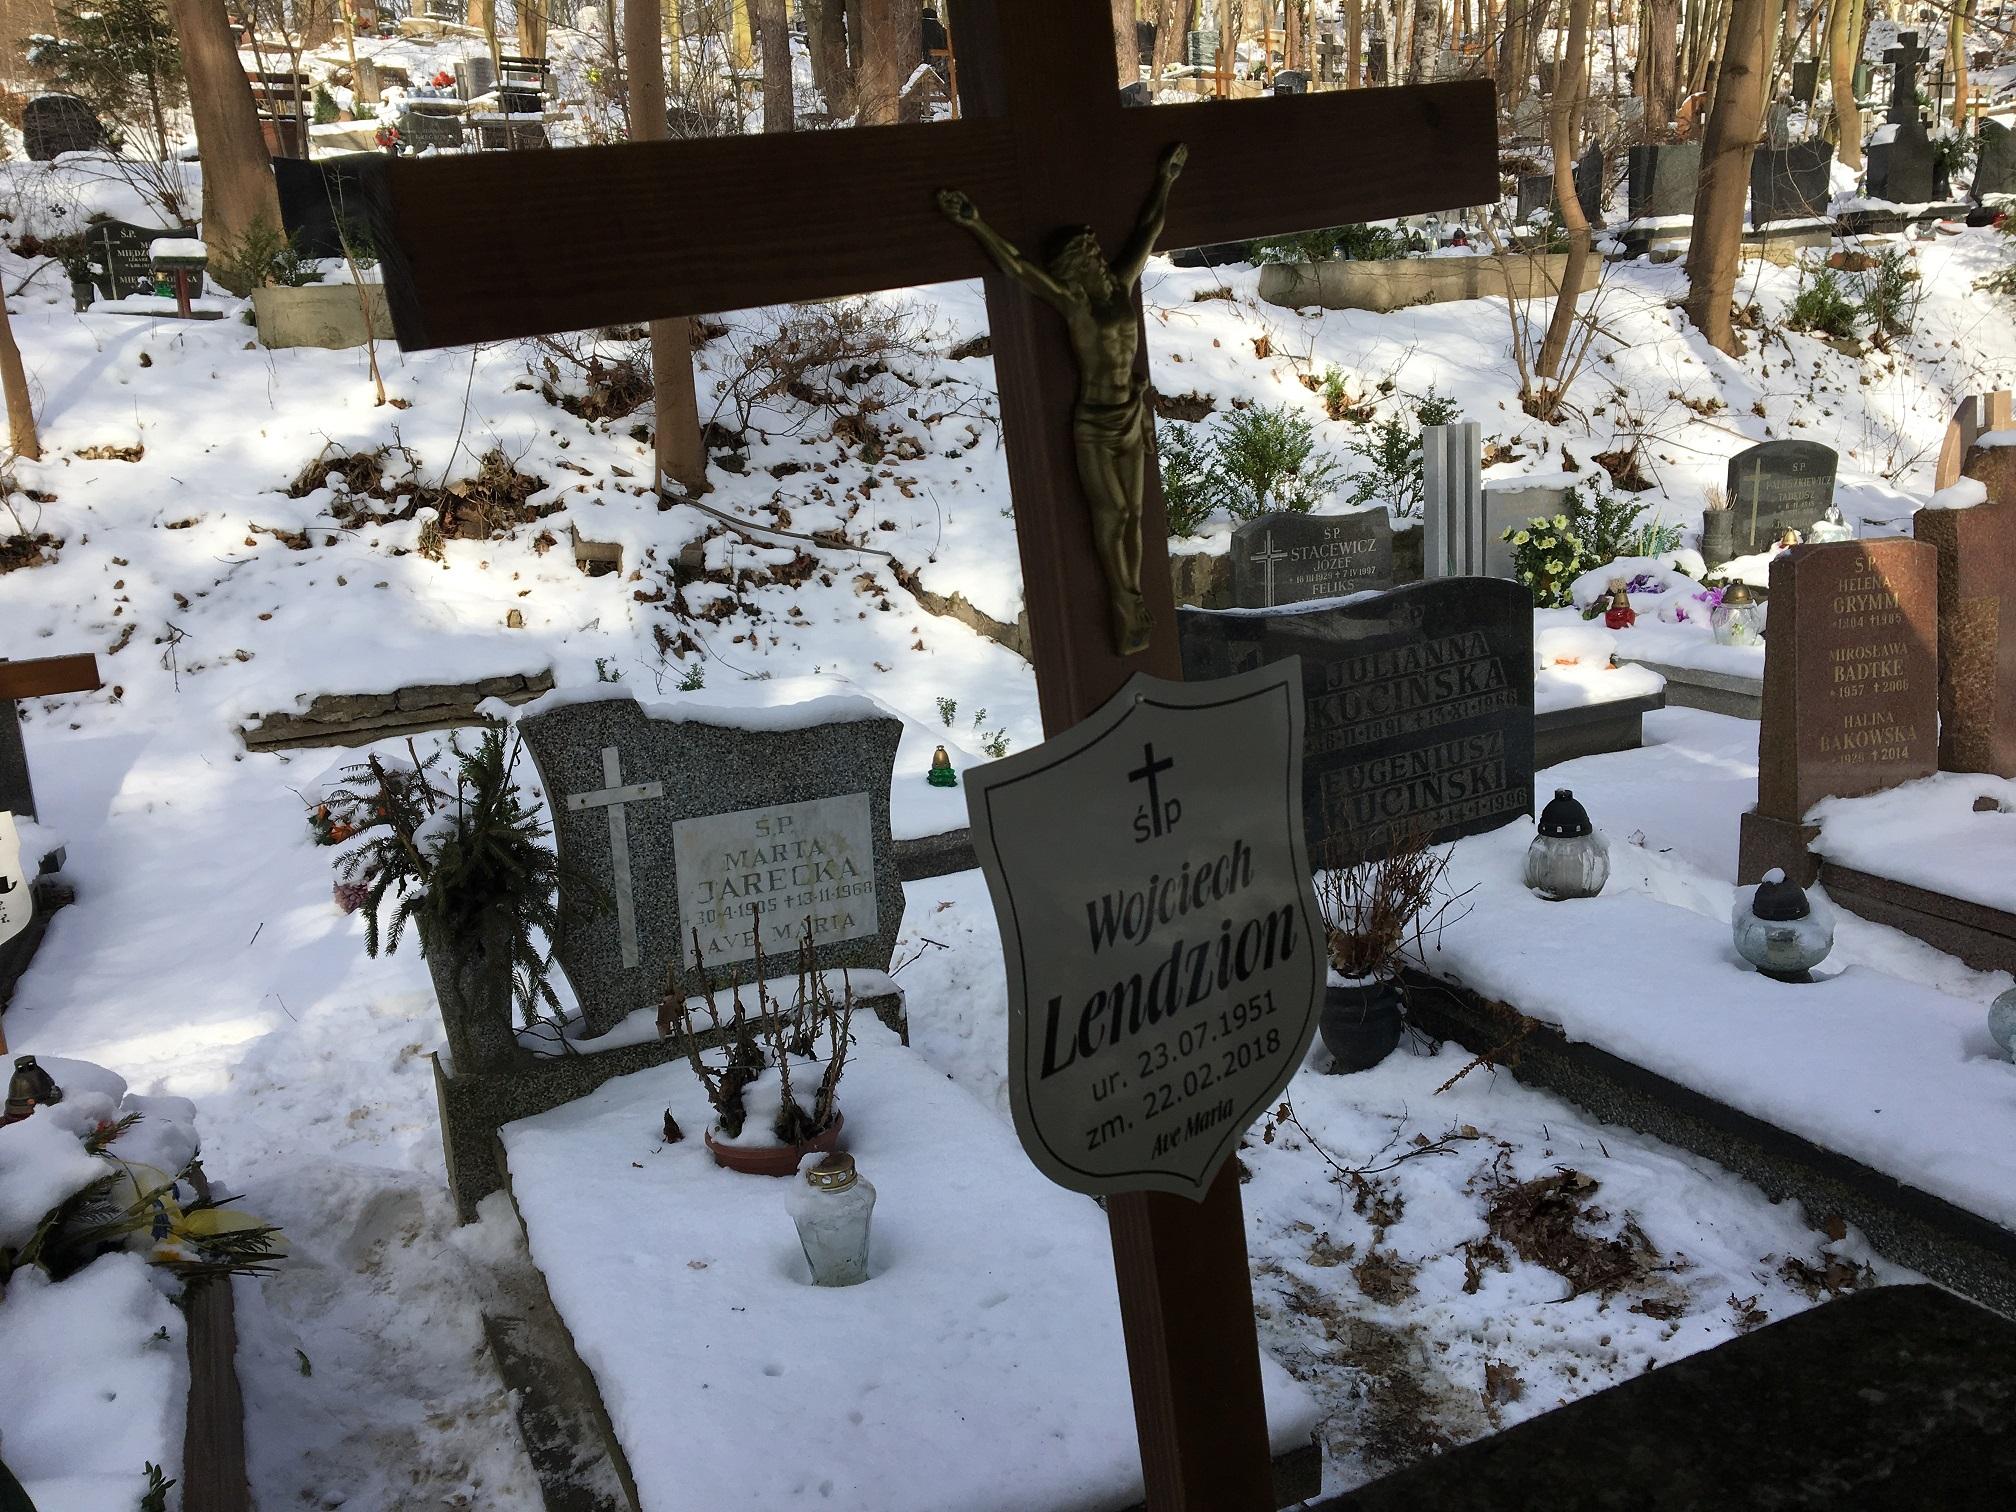 Pogrzeb Wojtka Lendziona Fot_J_Wikowski IMG_1947[1]